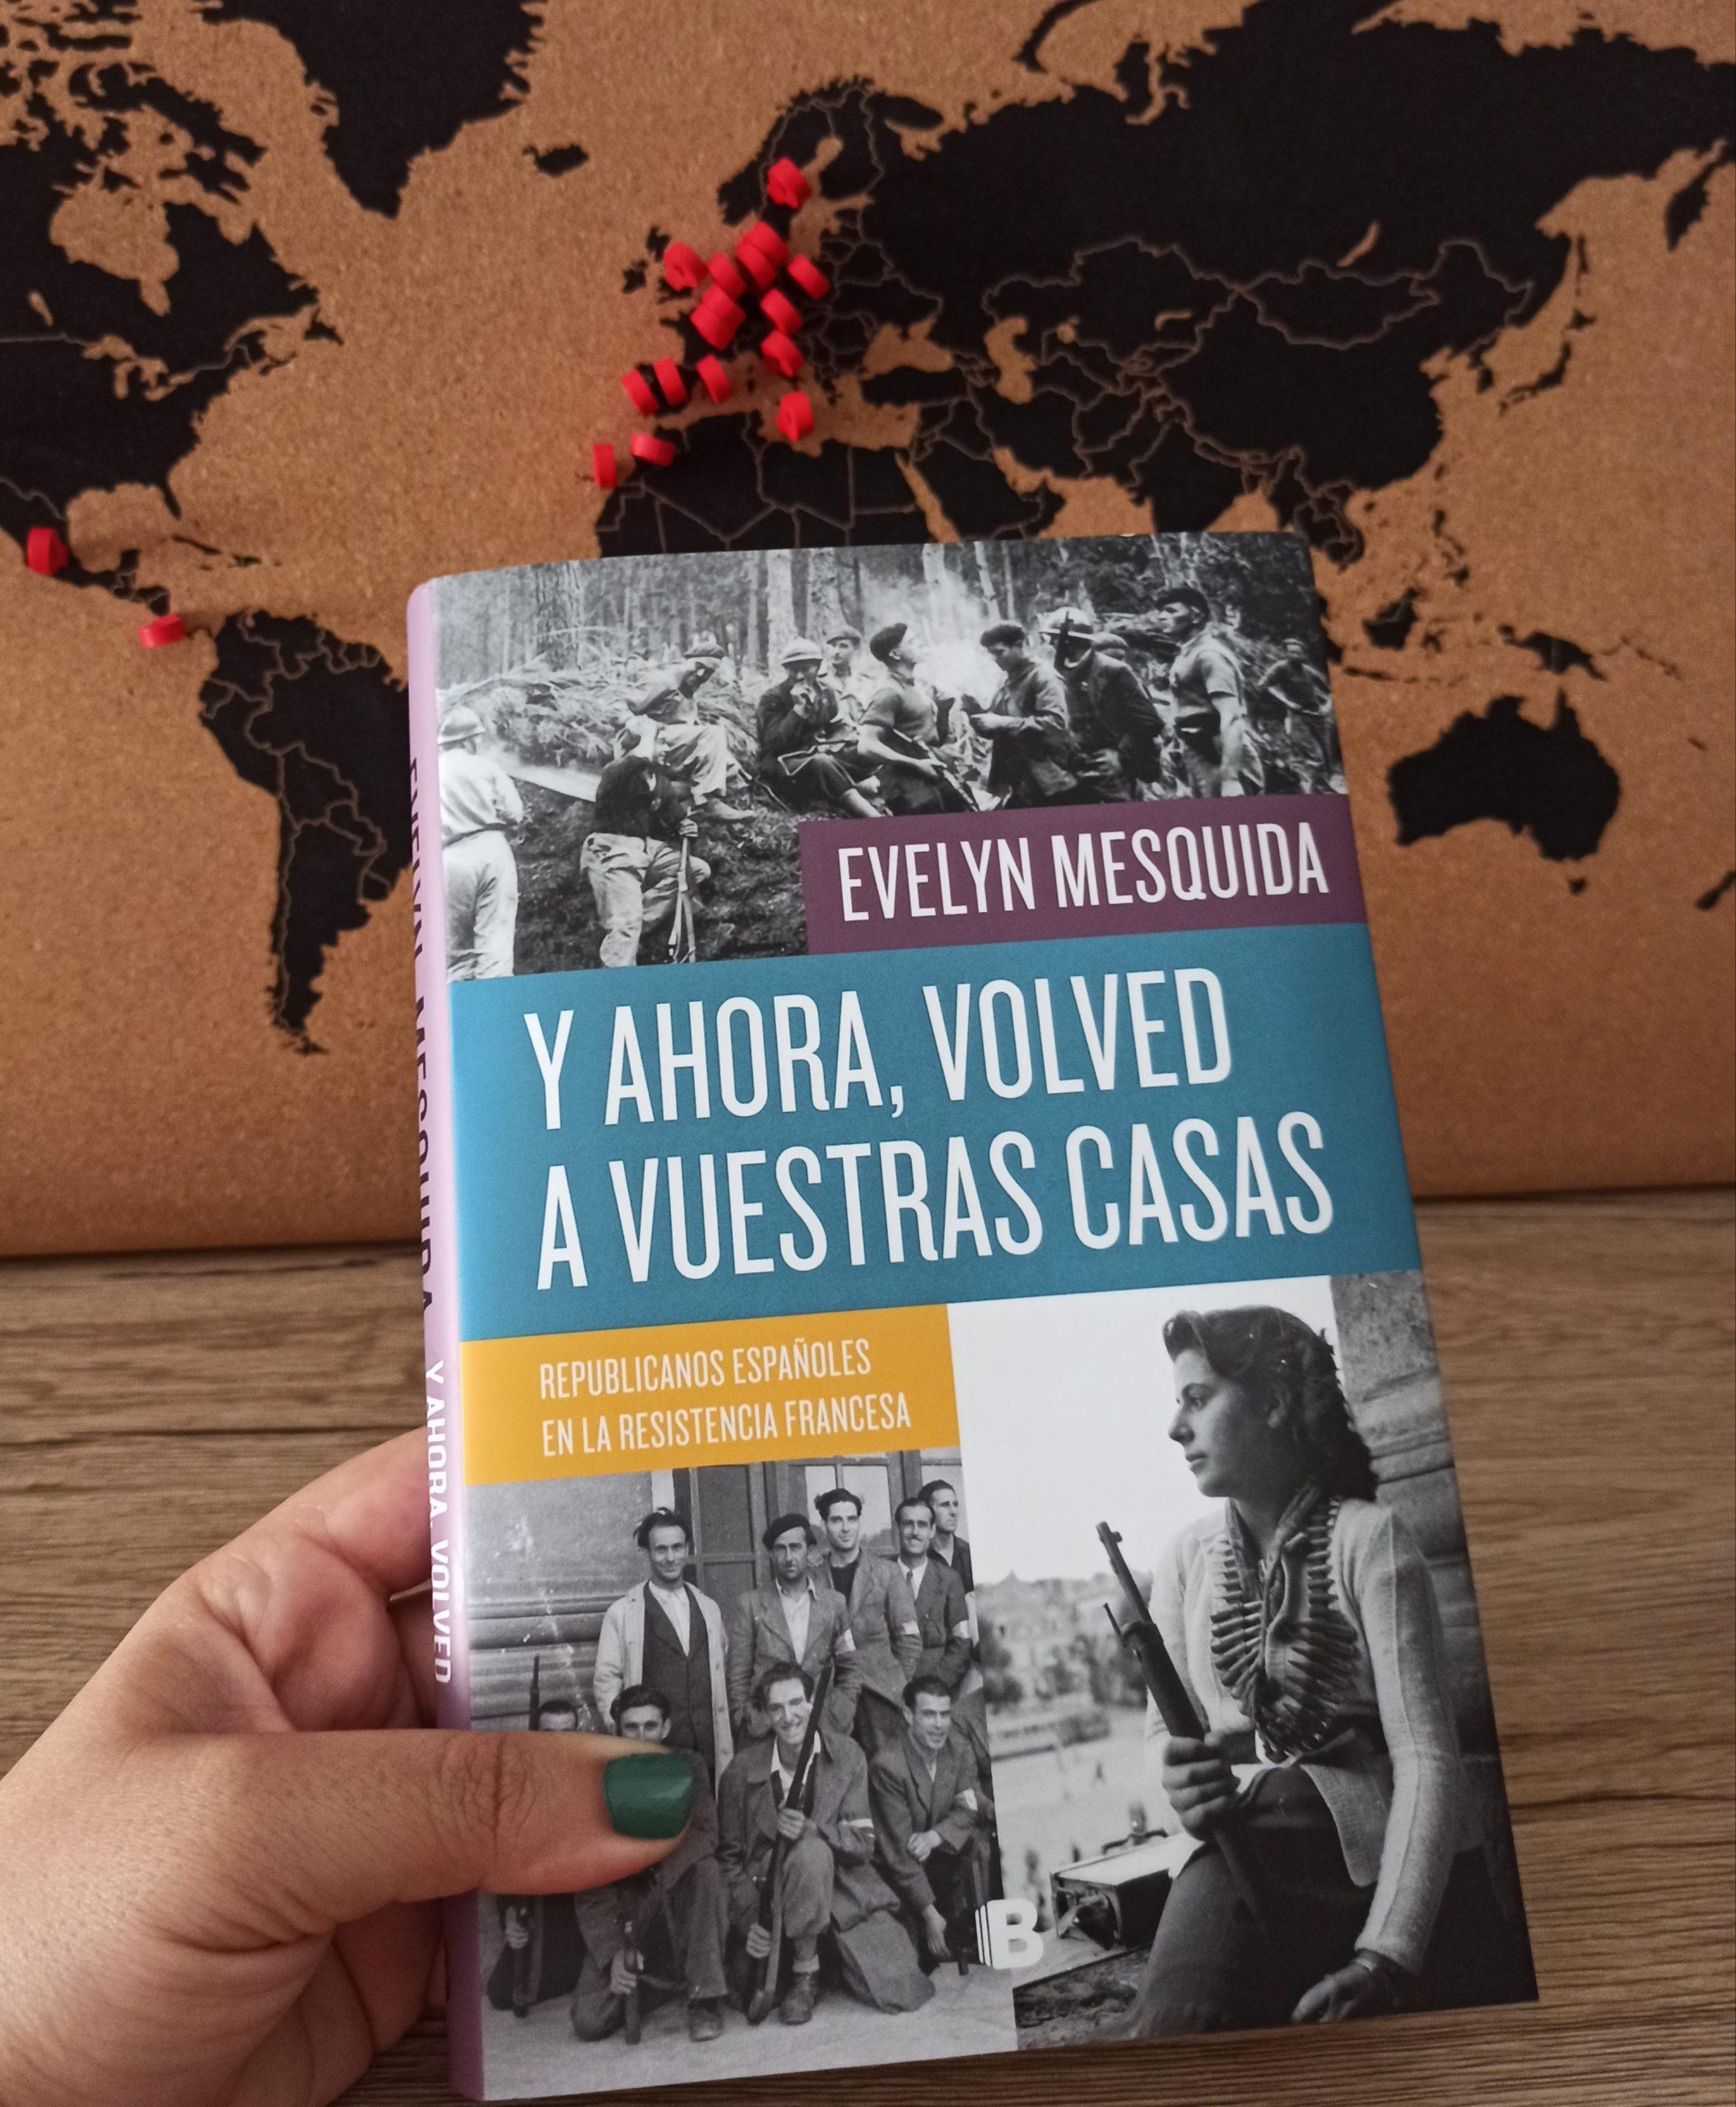 Y AHORA, VOLVED A VUESTRAS CASAS, de Evelyn Mesquida.